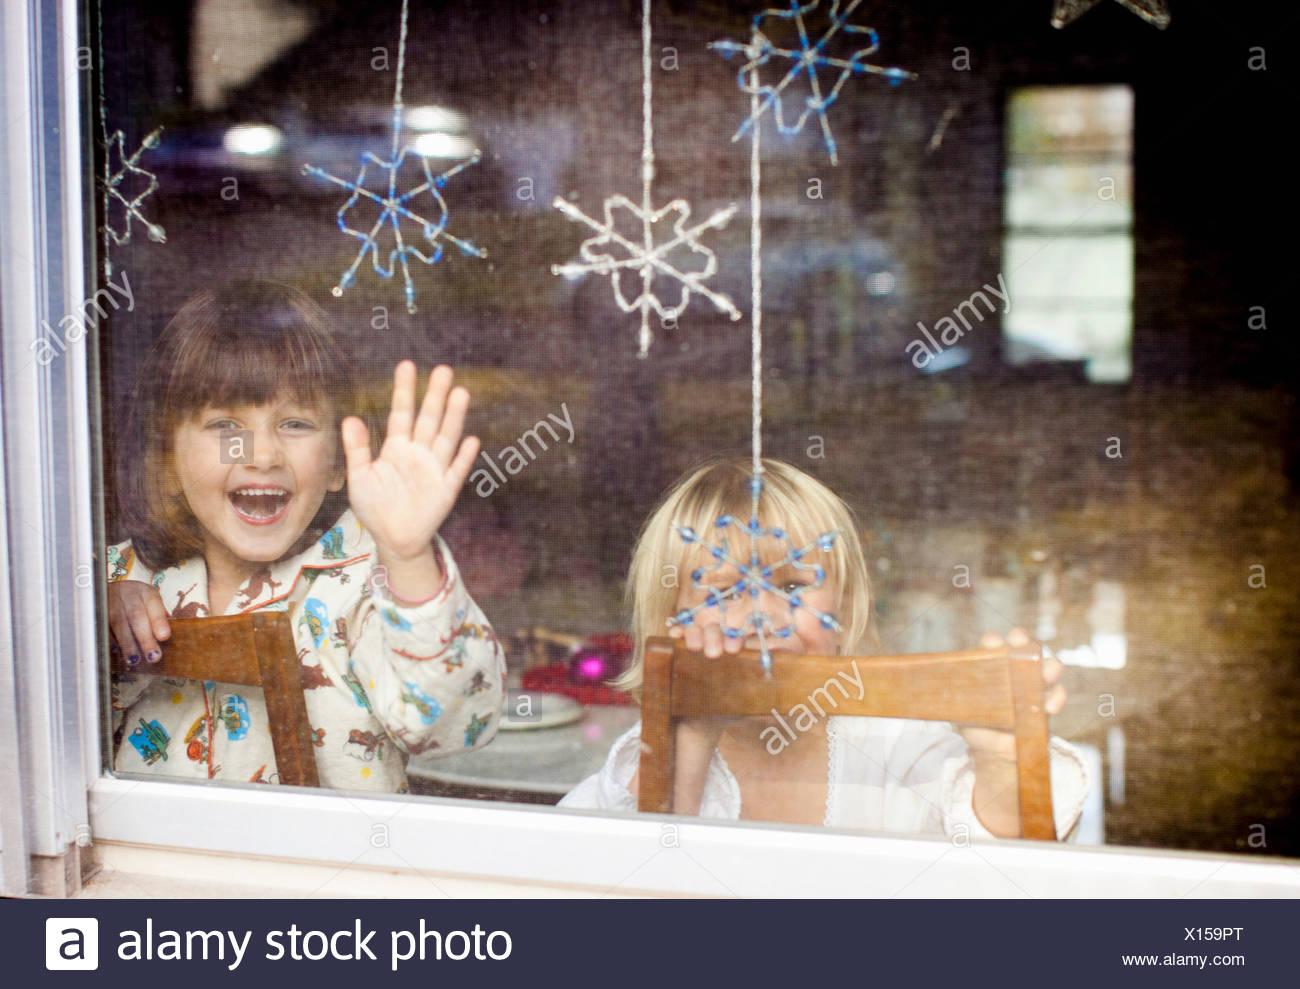 Niños riendo y ondeando en la ventana con copos colgantes Imagen De Stock